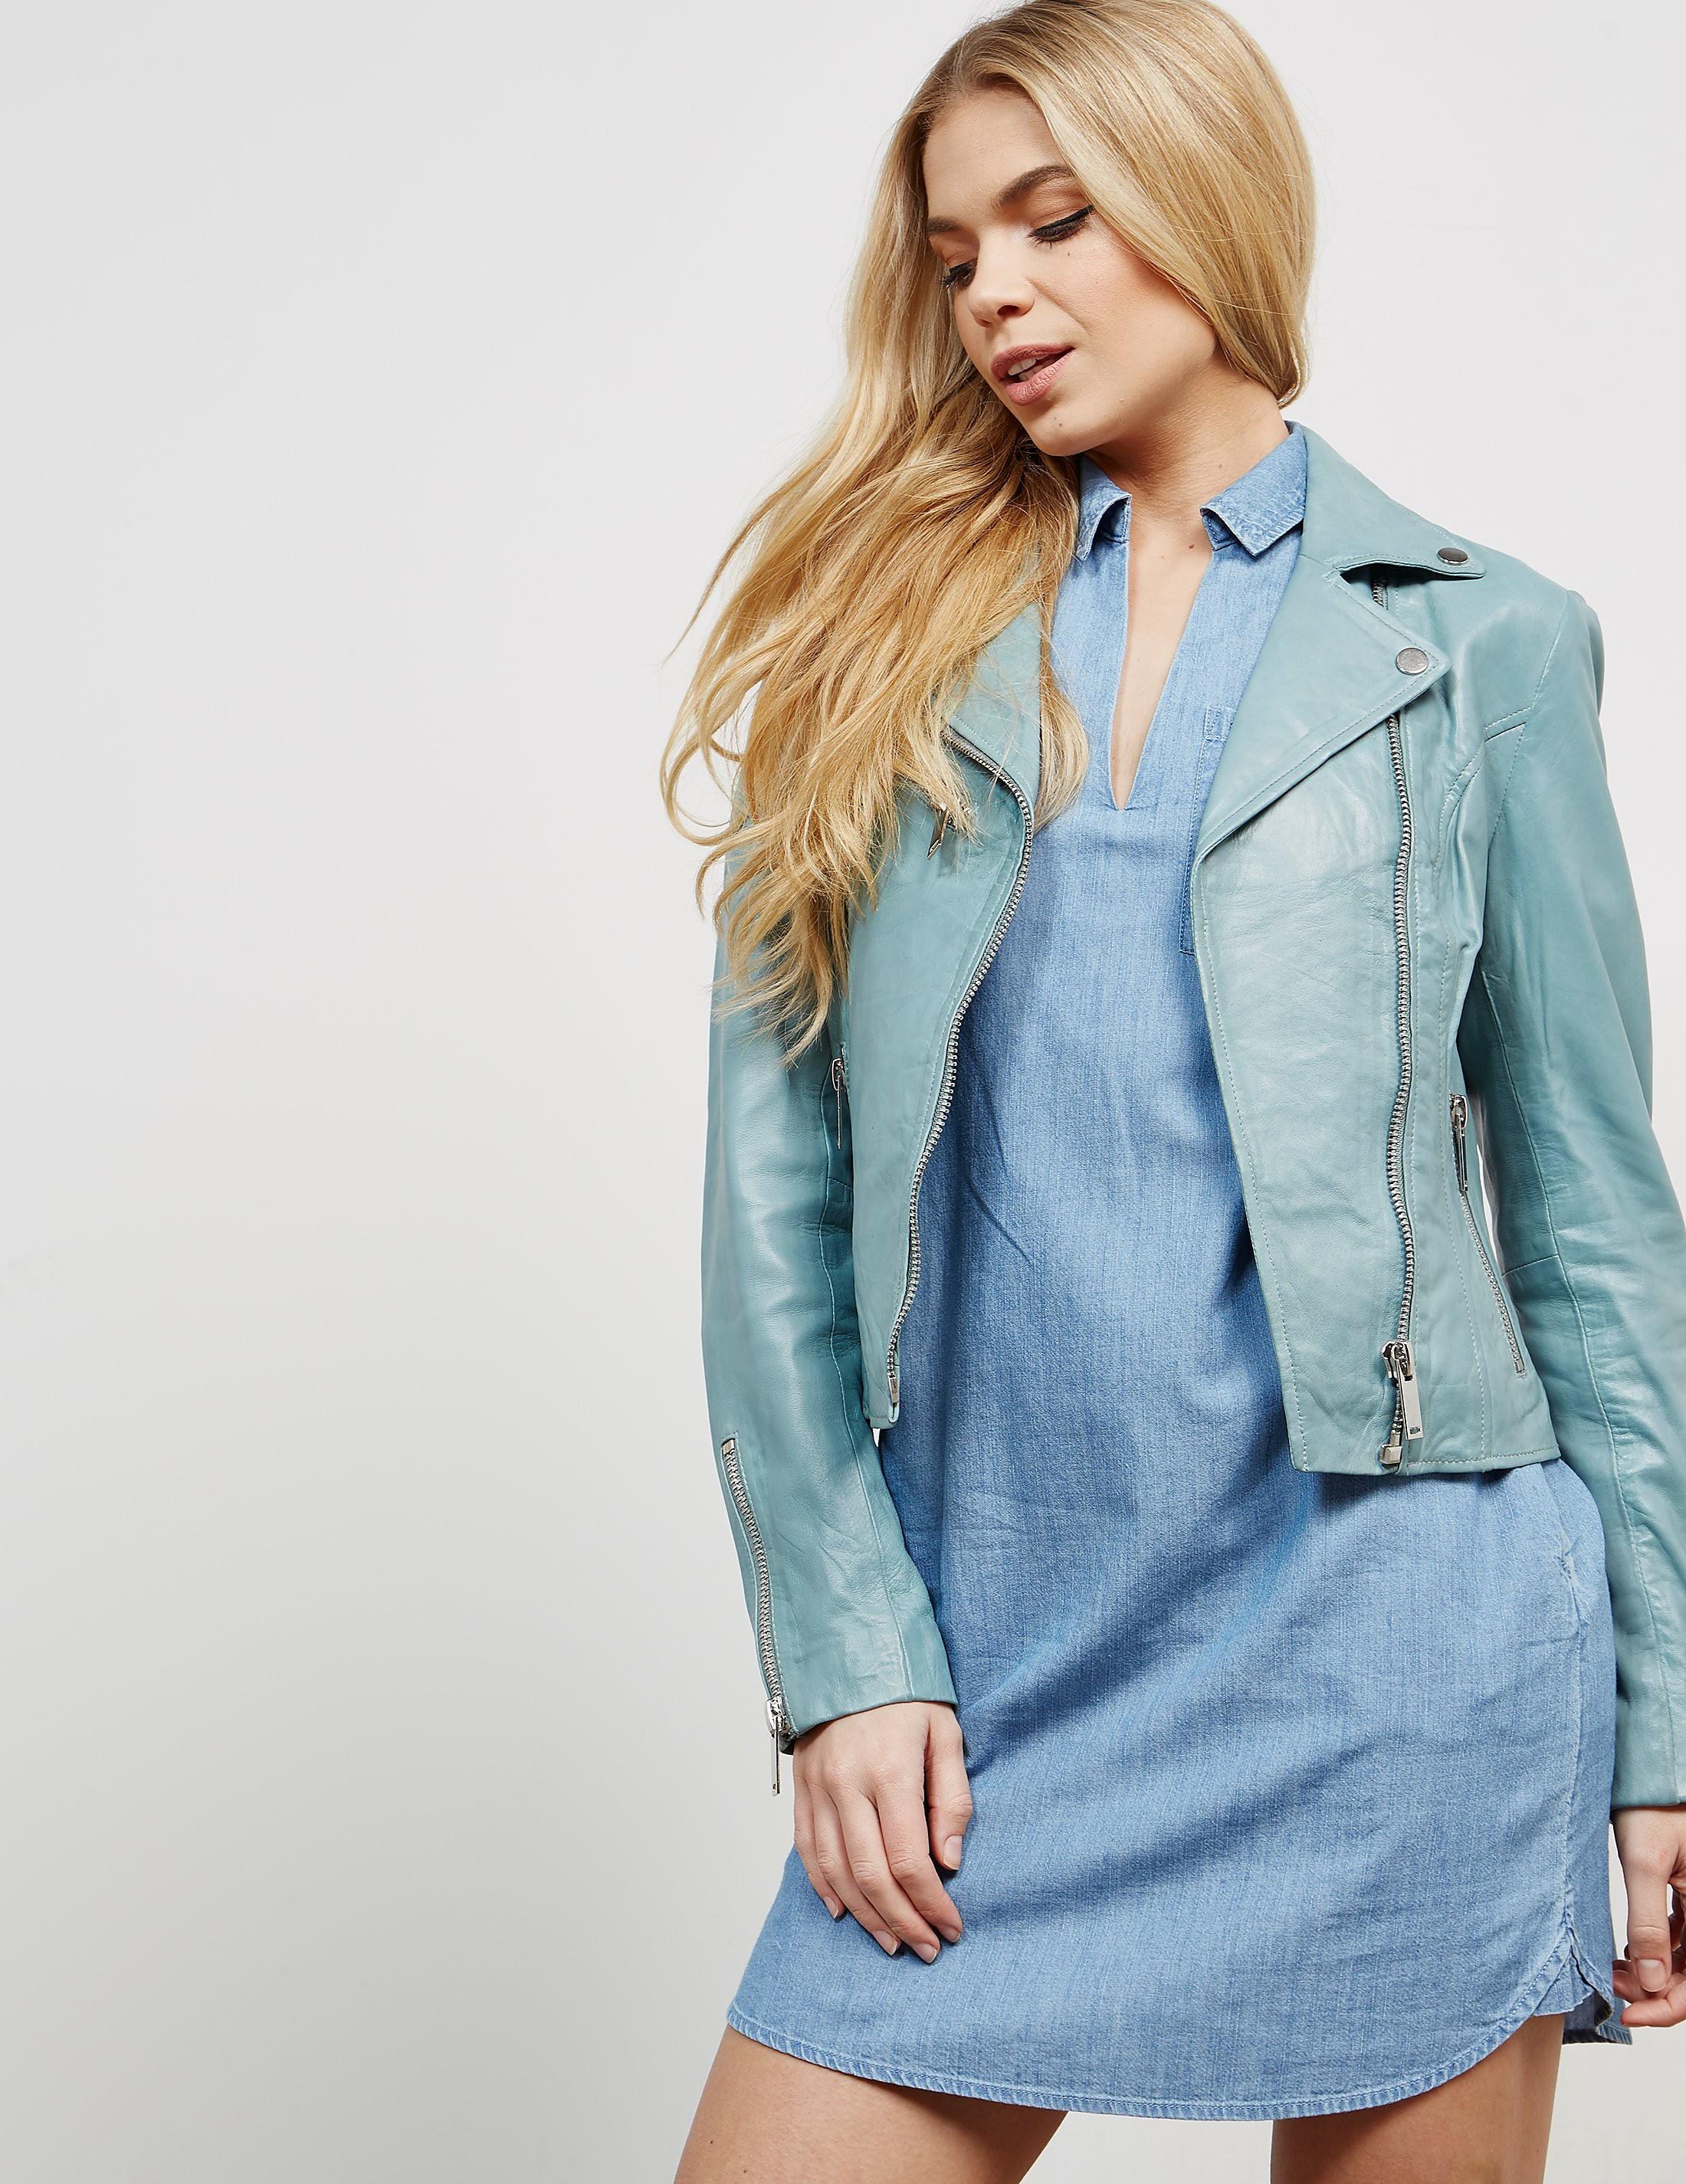 Rino & Pelle Soft Leather Jacket